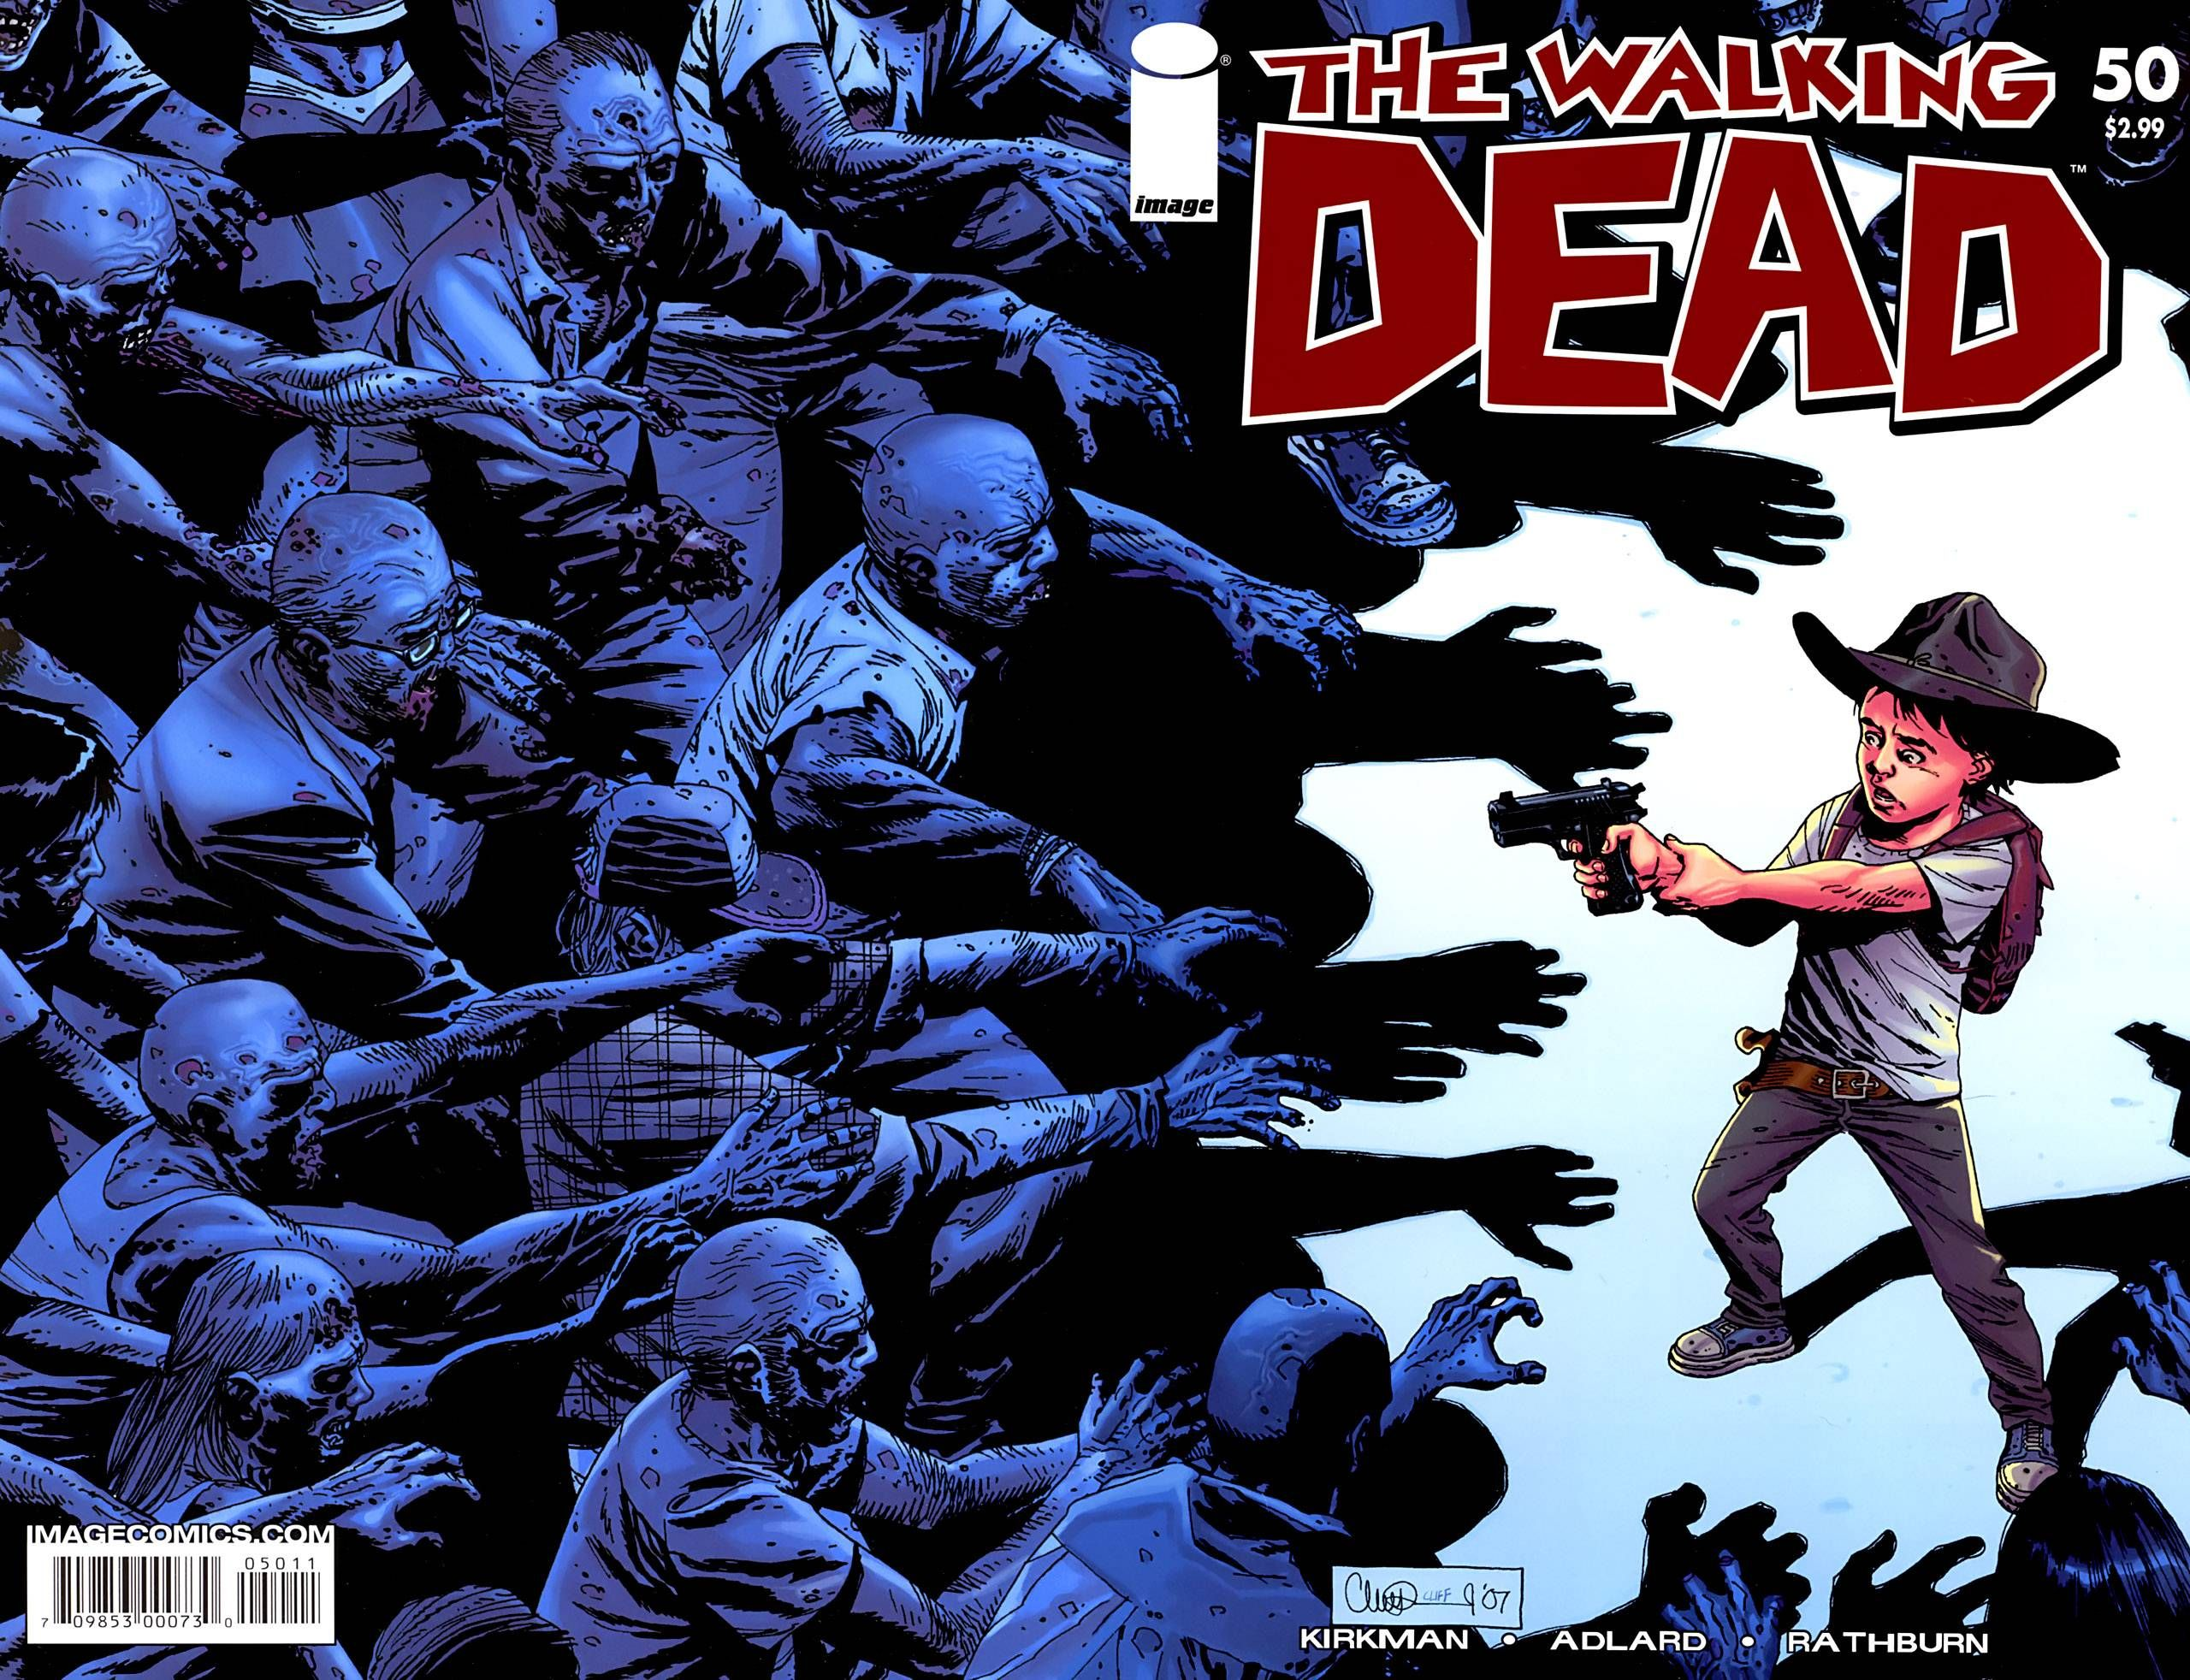 The Walking Dead Season 5 Desktop Wallpaper